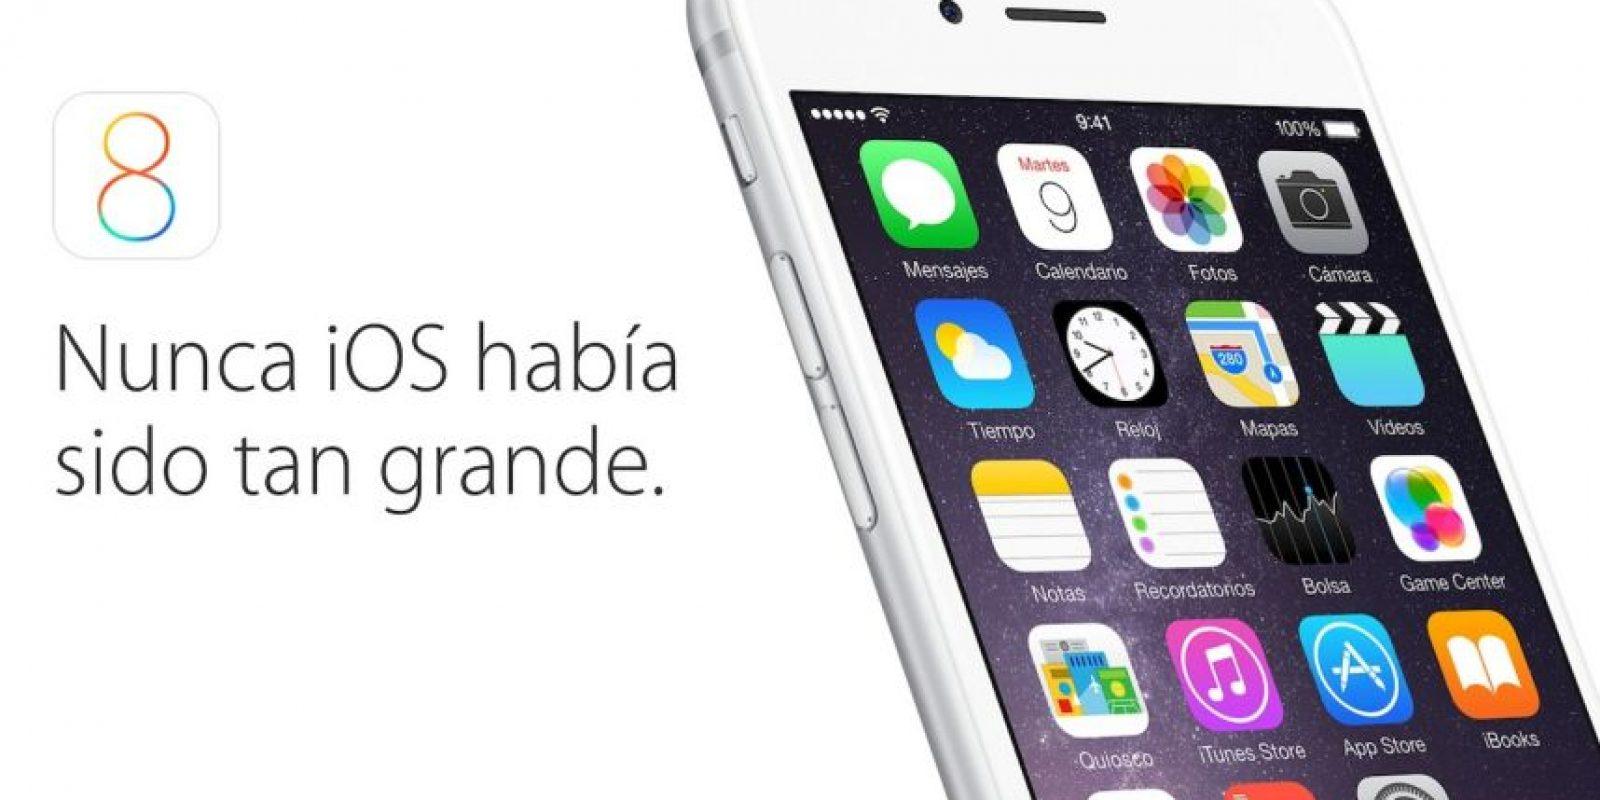 iOS 8 fue presentado el 9 de septiembre y lanzado el 17 del mismo mes. Foto:Apple